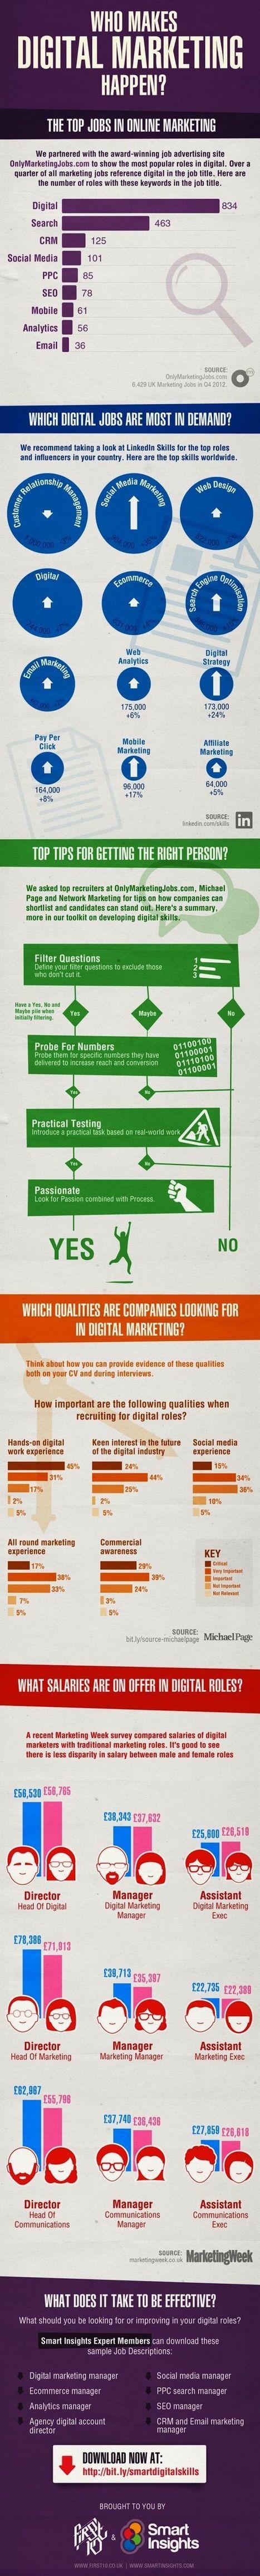 Les métiers les plus porteurs dans le Marketing Digital | Marketing opérationnel international | Scoop.it